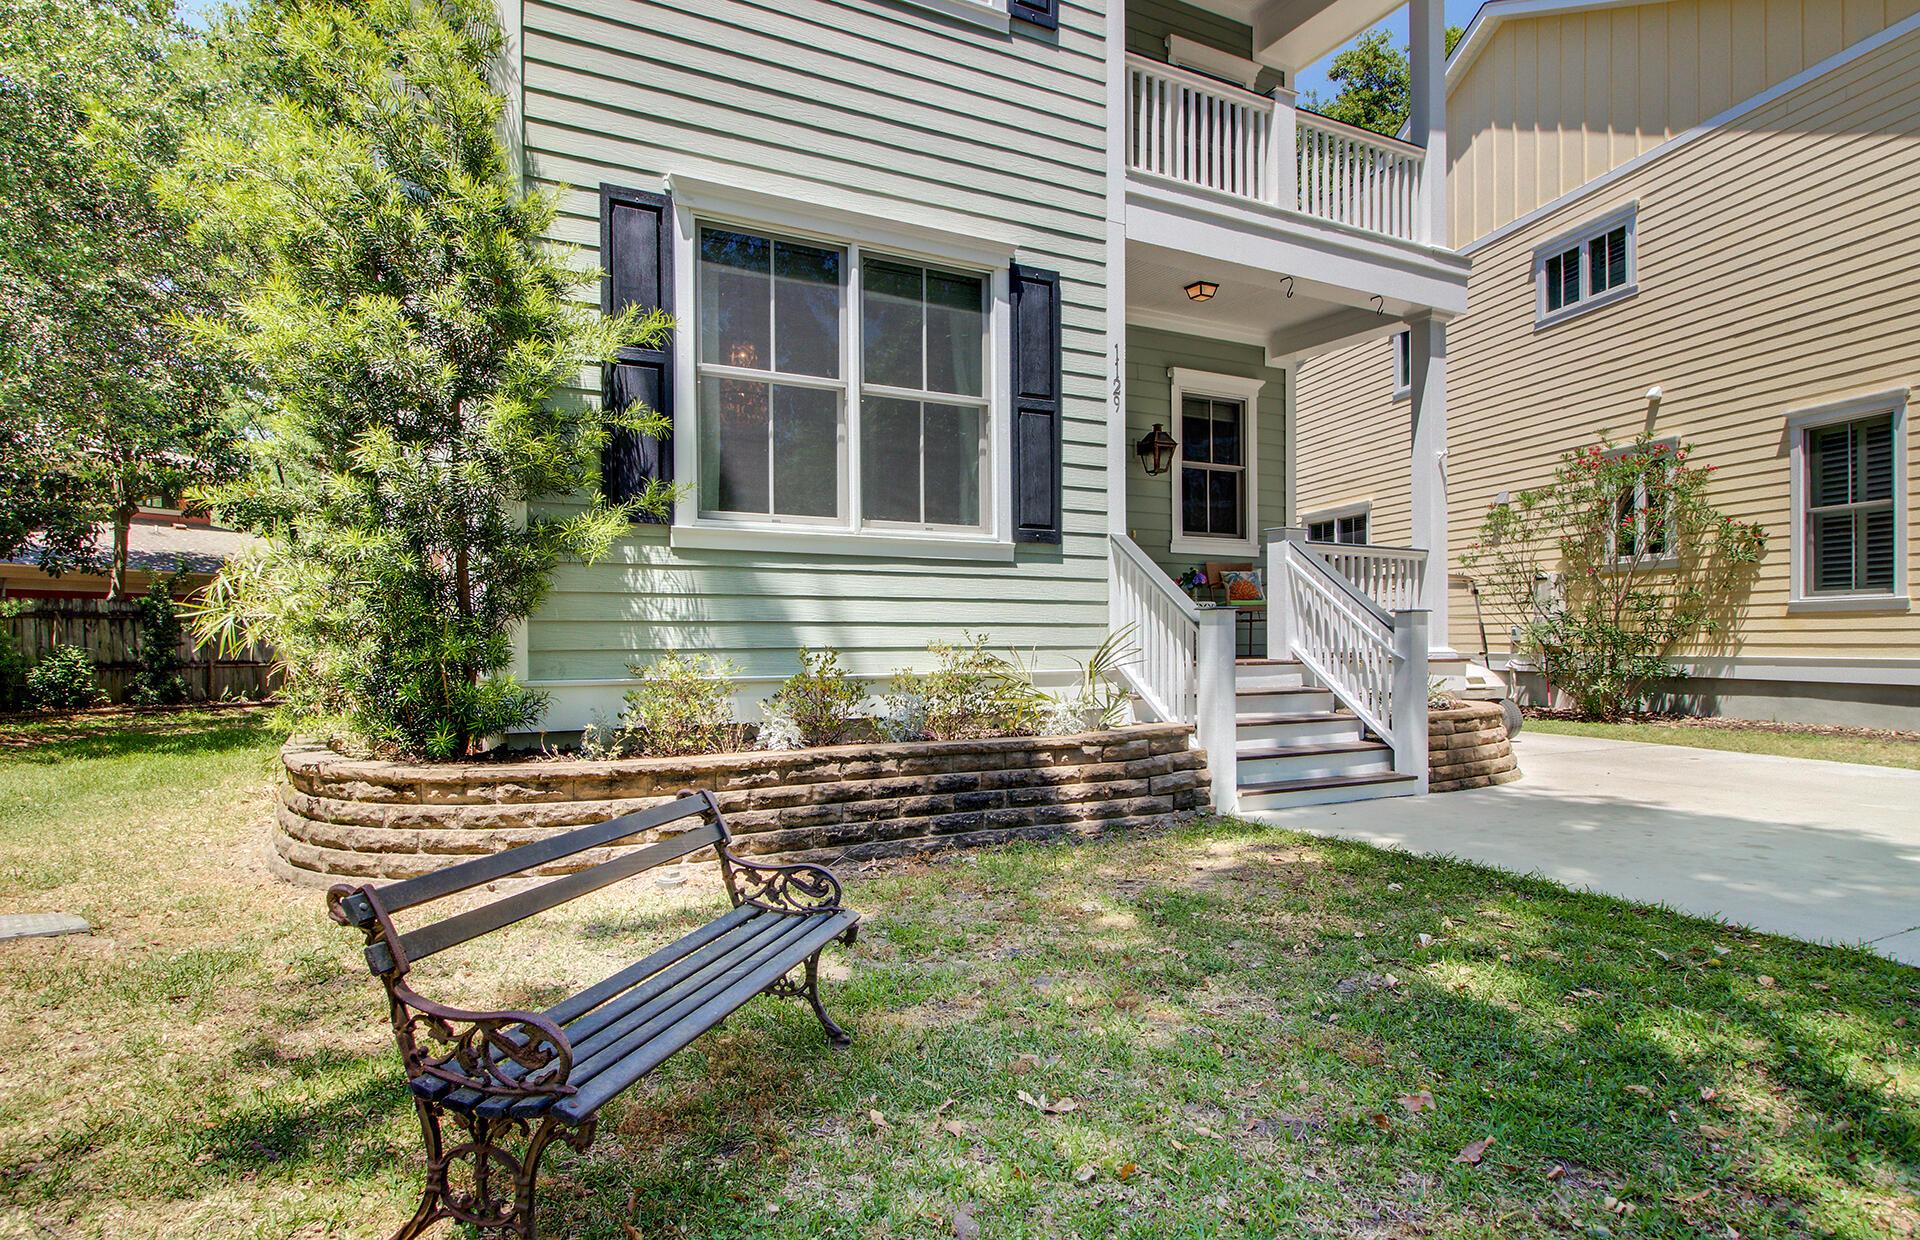 Phillips Park Homes For Sale - 1129 Phillips Park, Mount Pleasant, SC - 32